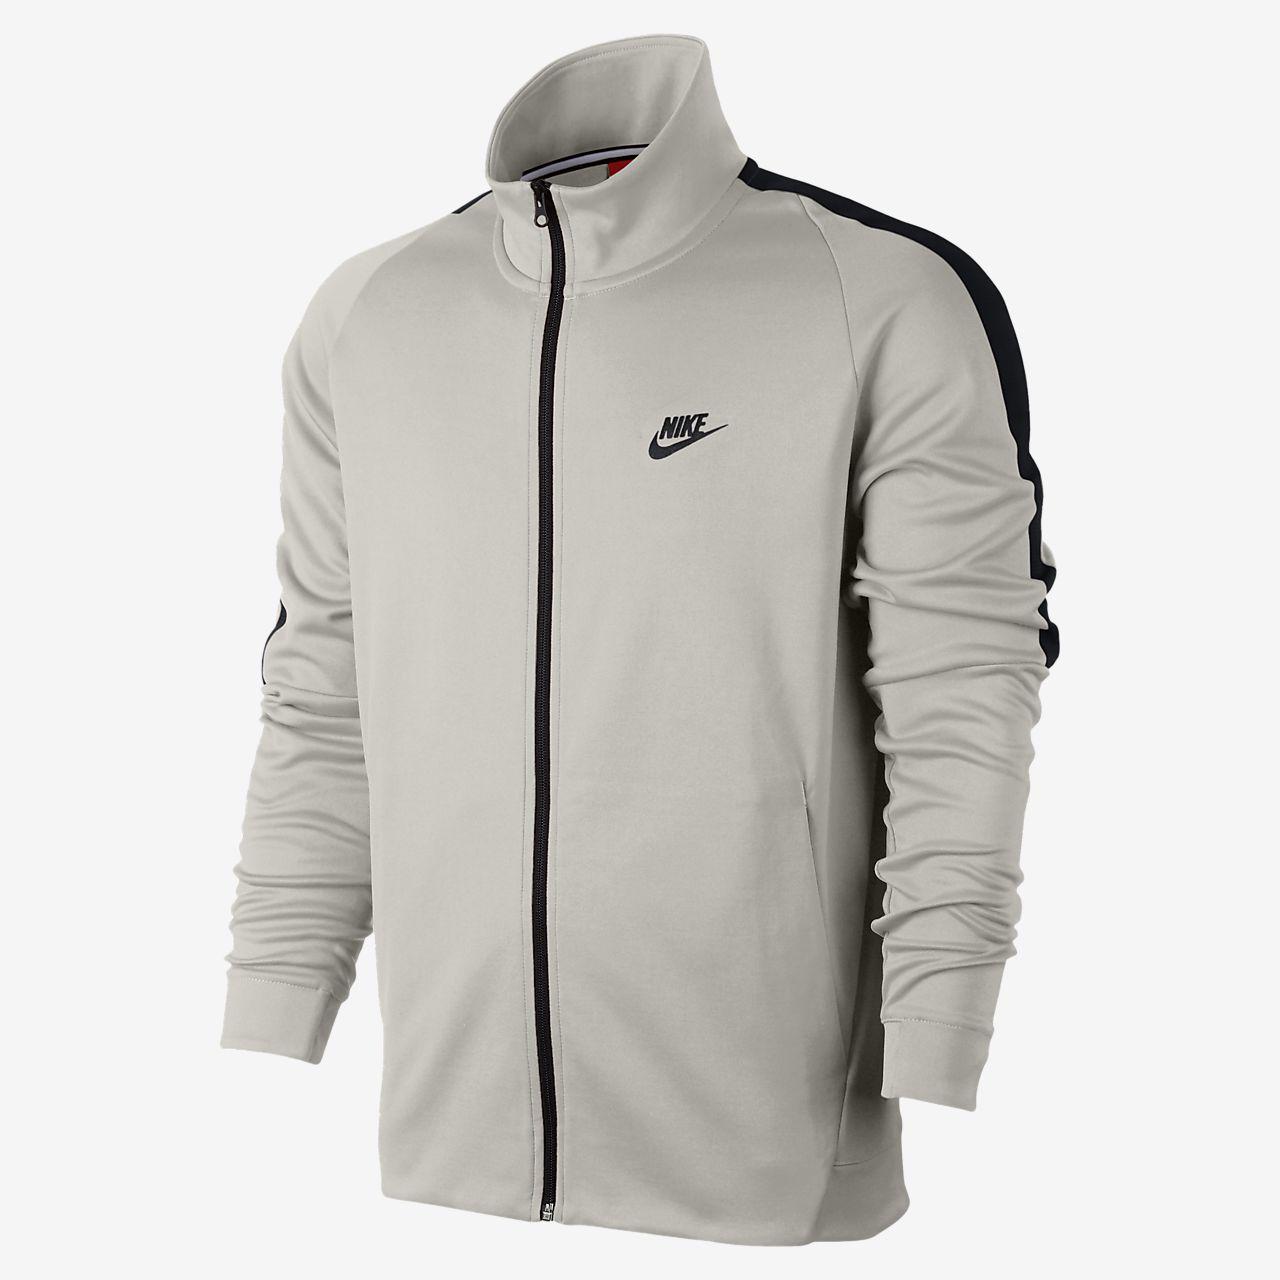 Pour Nike Sportswear Veste Tw6rwqz N98 Be Homme WD2eYEIH9